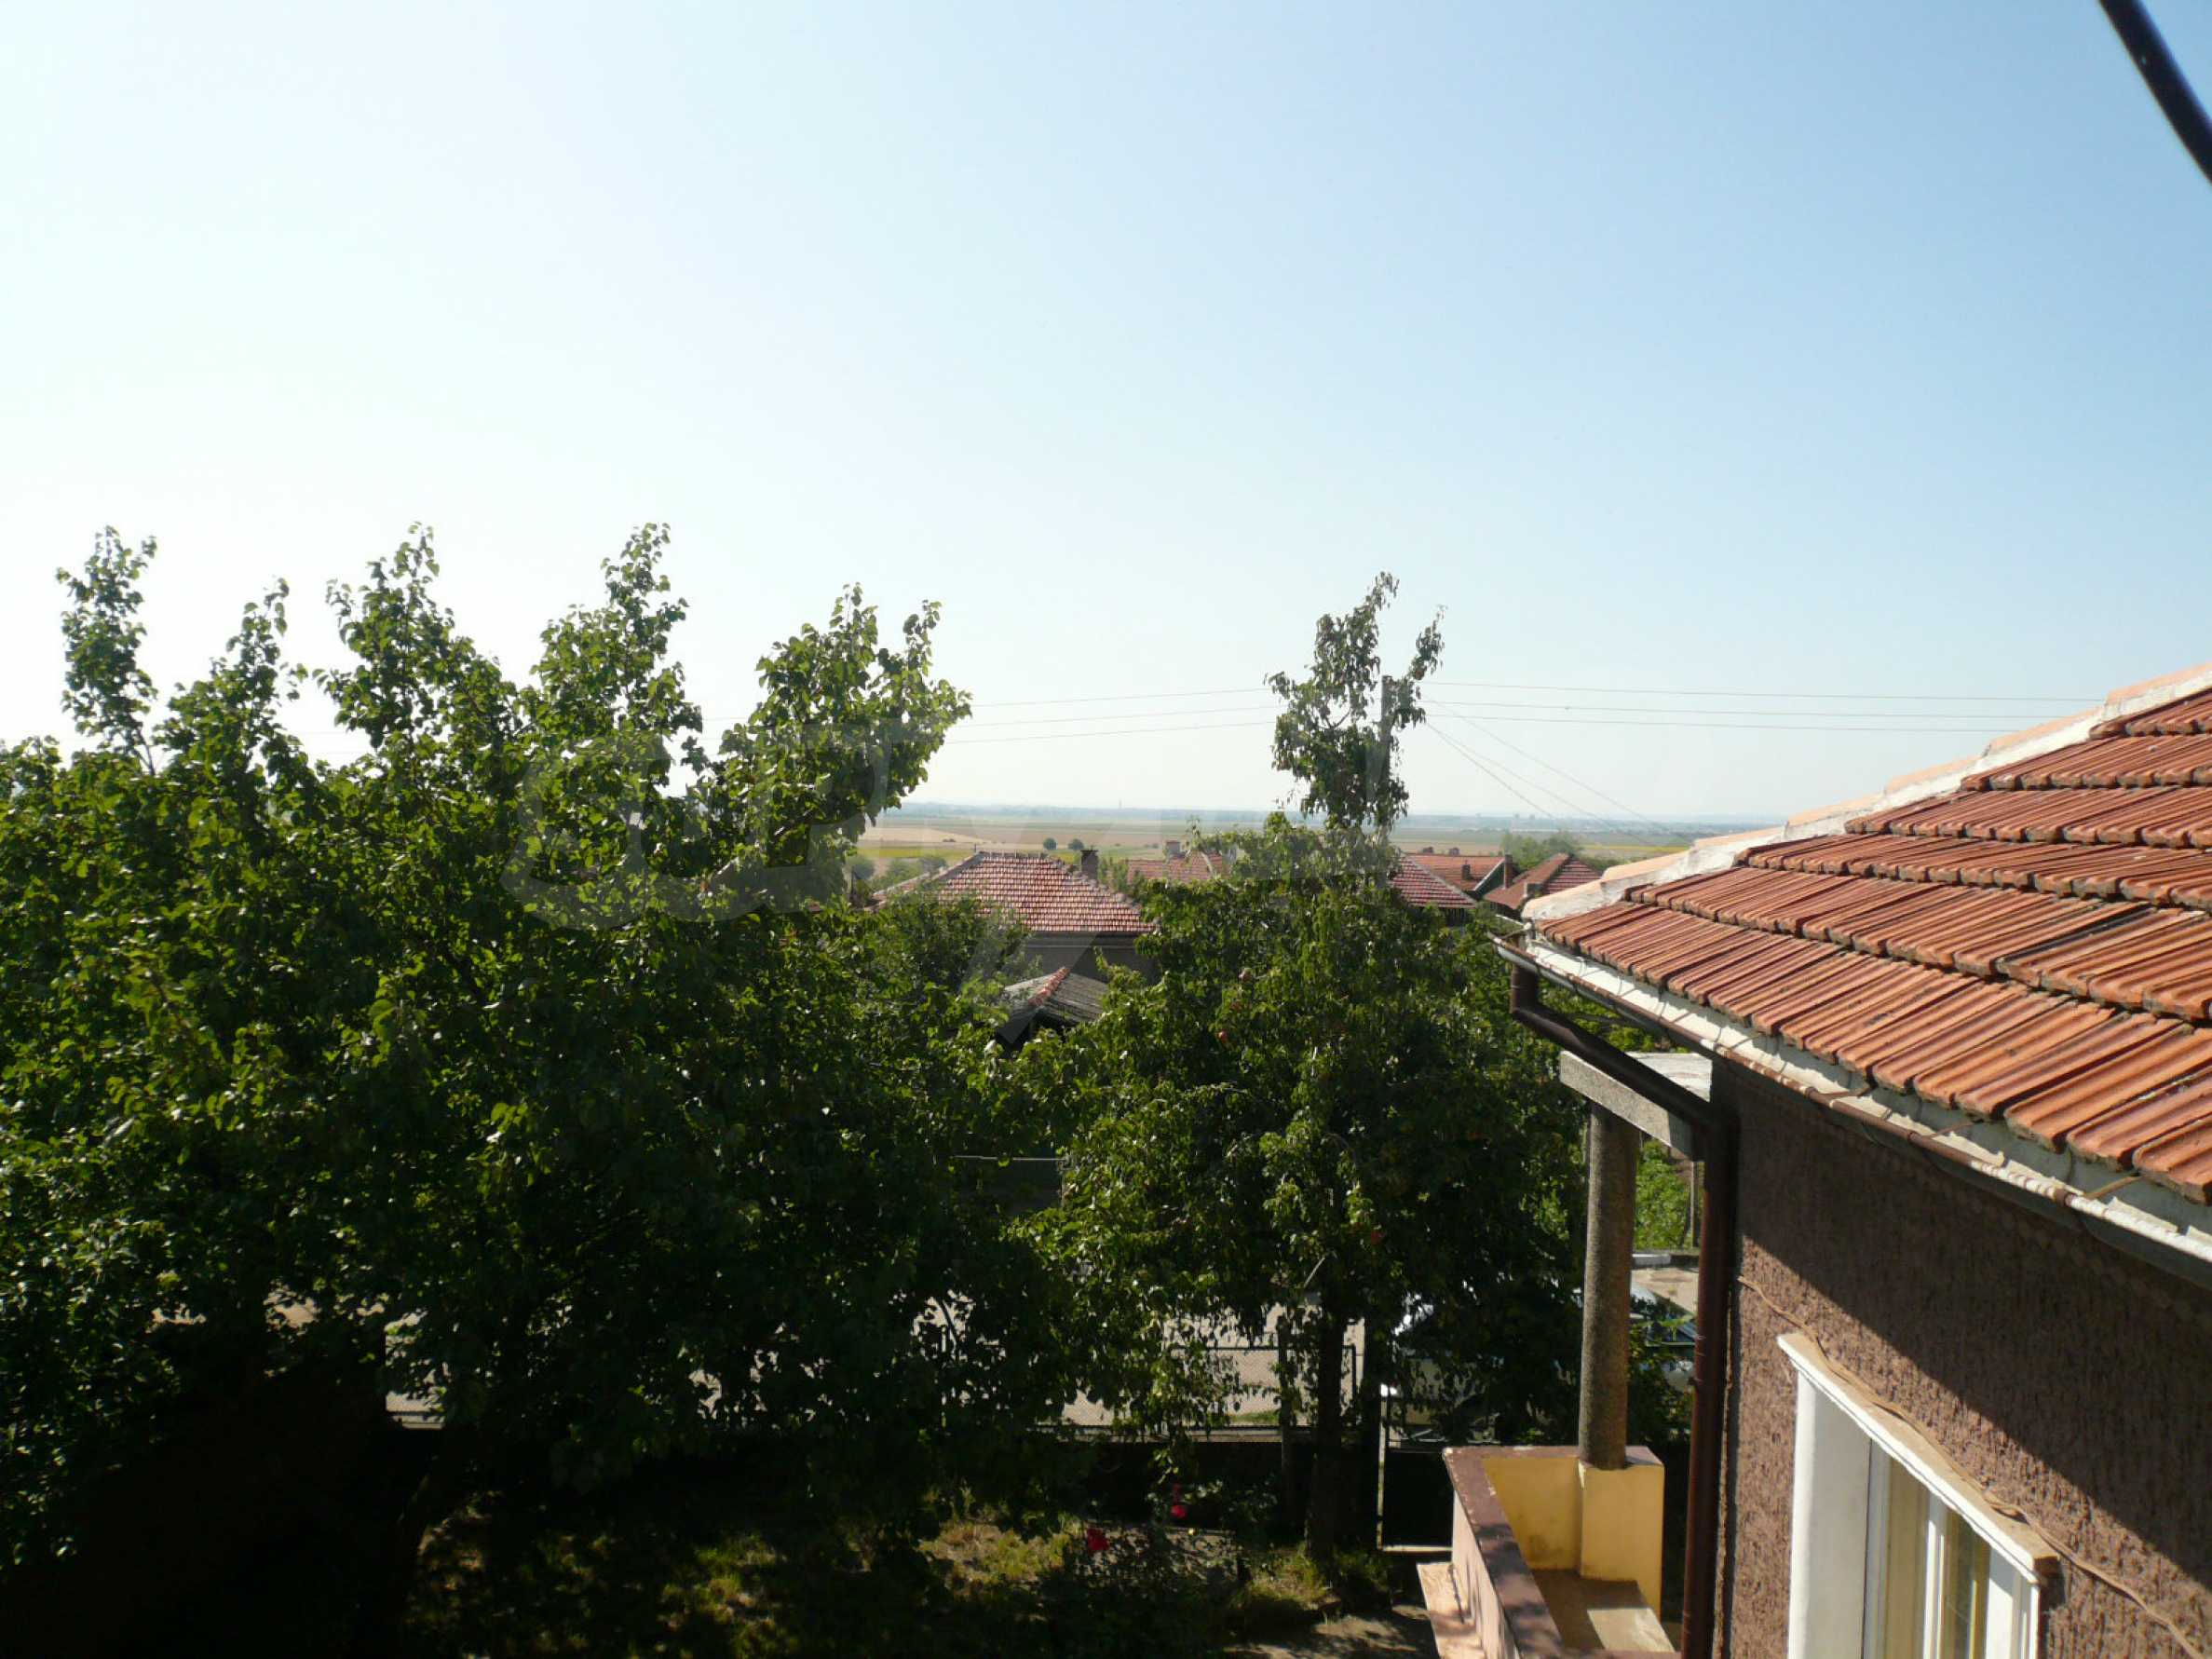 Ländliche Häuser mit einem Garten 12 km von Vidin entfernt 12